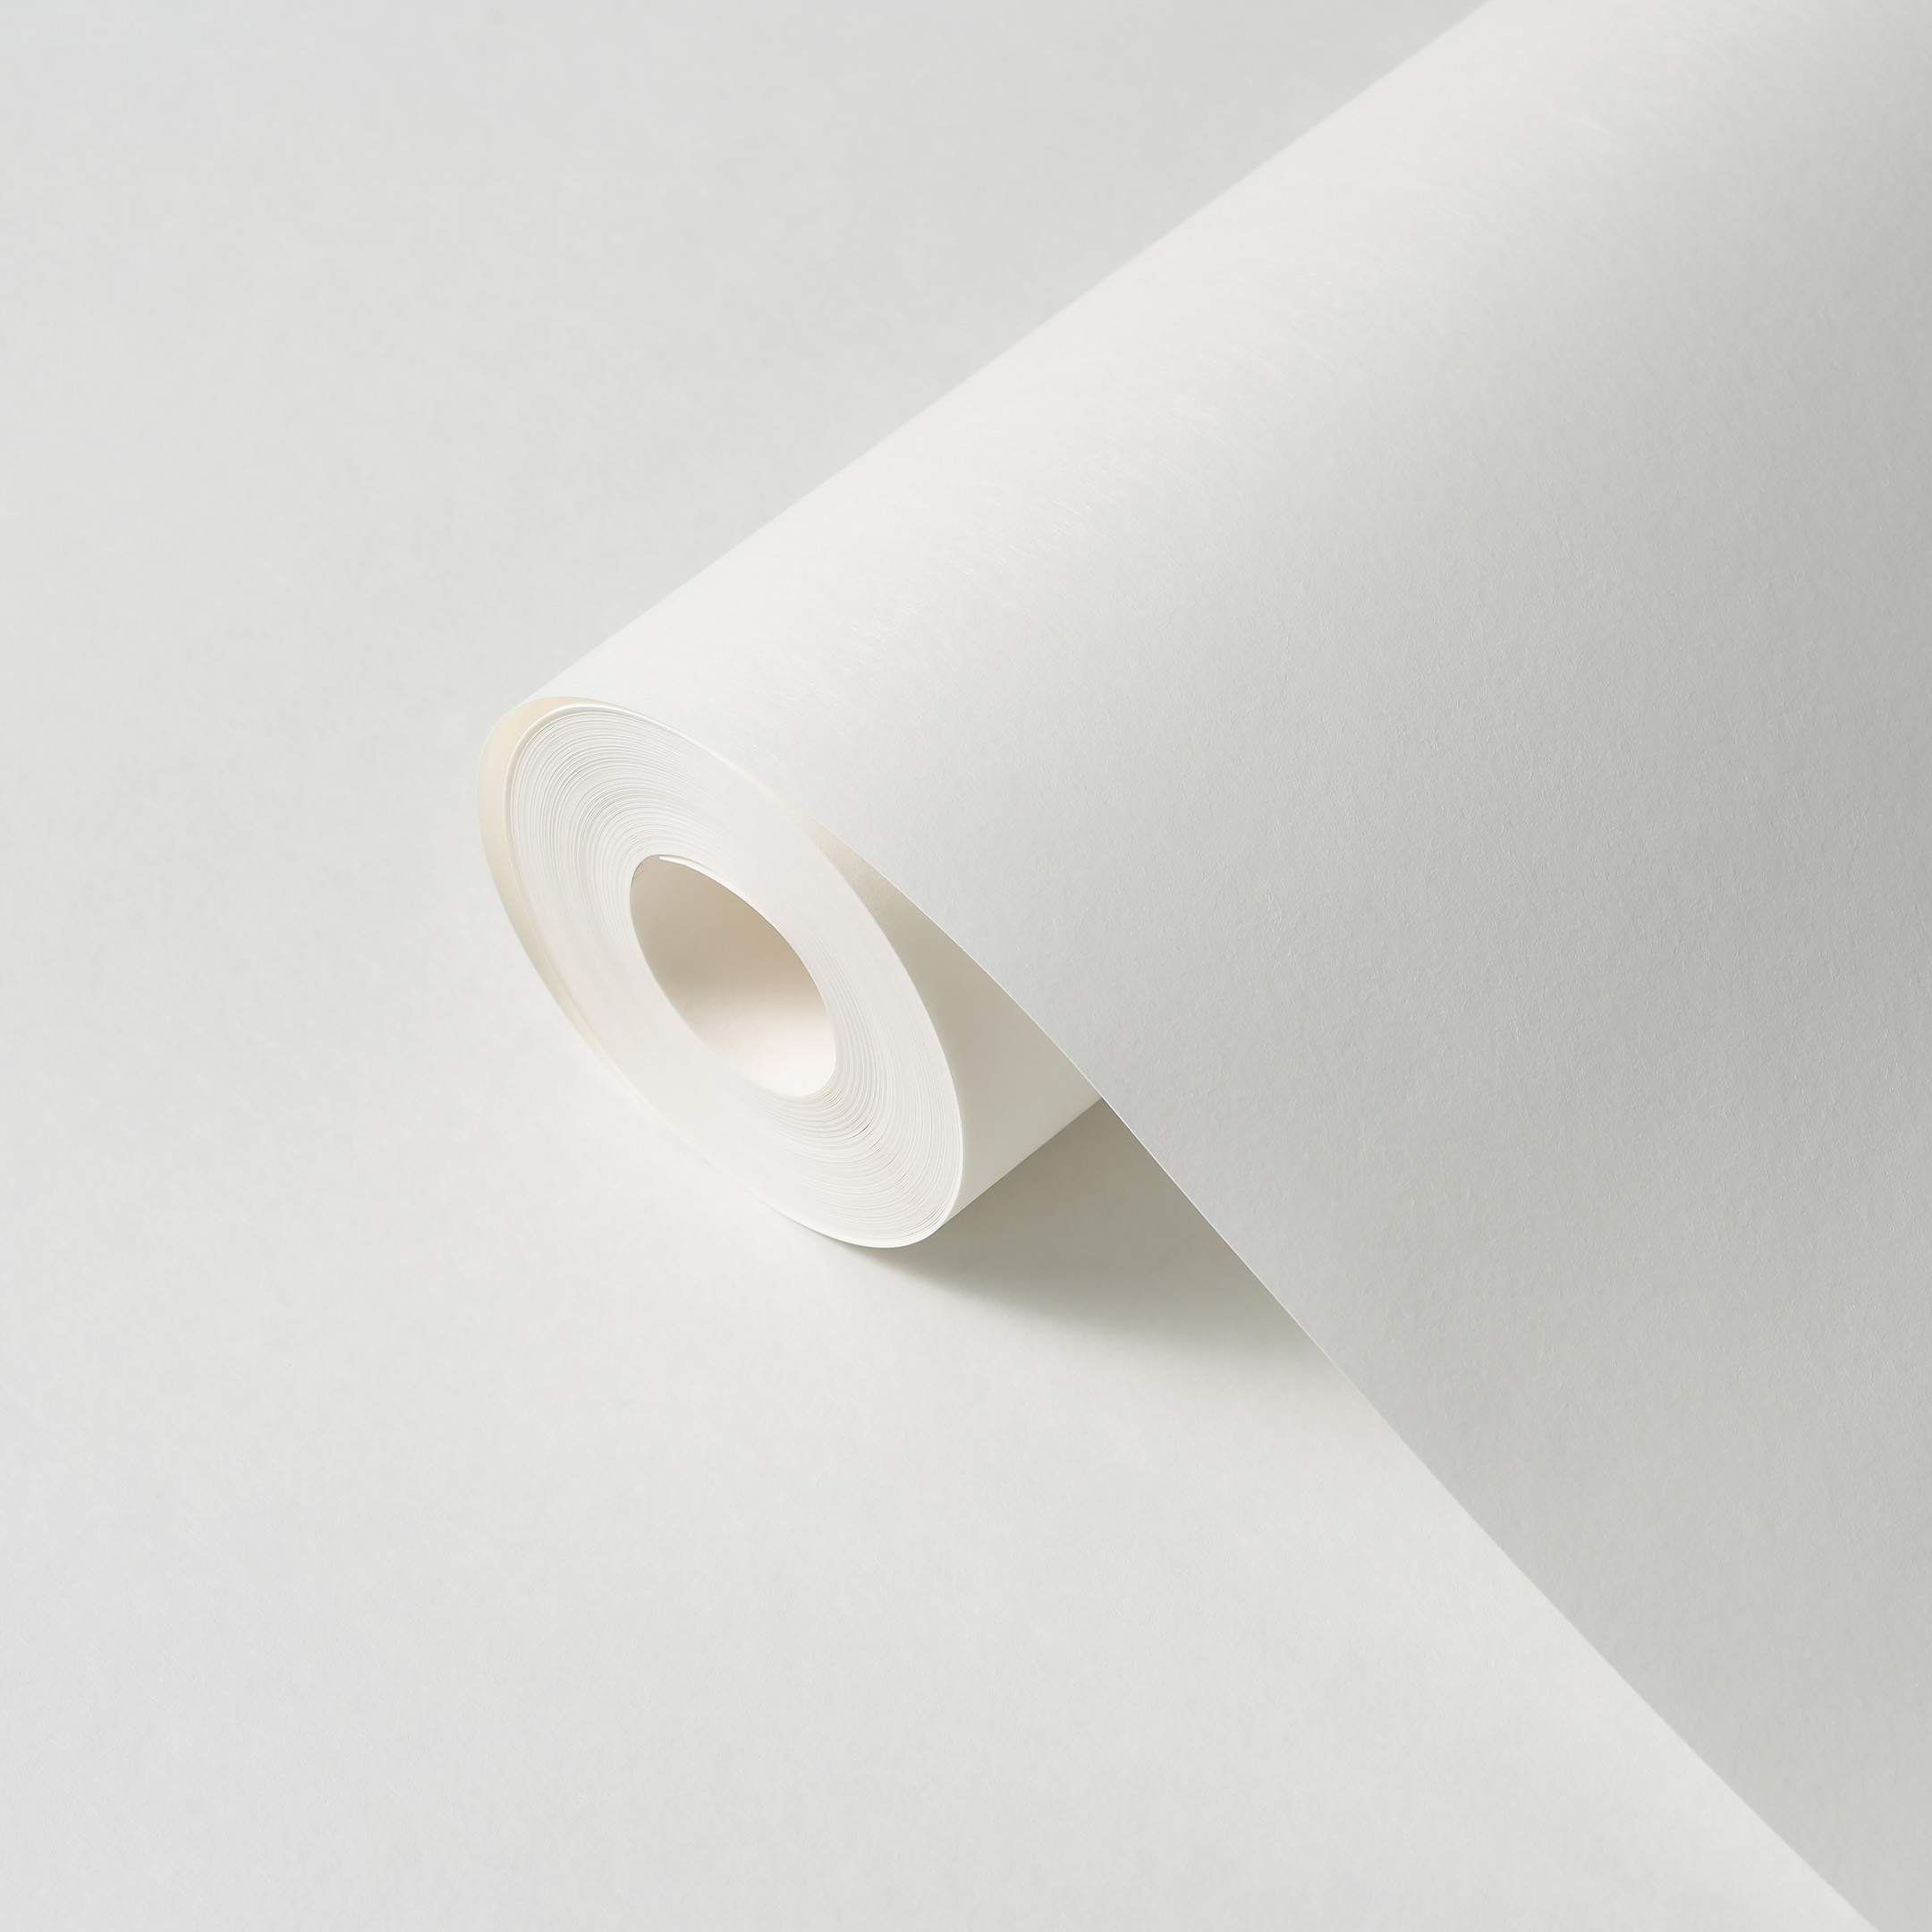 Обои под покраску флизелиновые гладкие Marburg Patent Vlies 9790 (1,06х25 м) плотность 130 г/кв.м стоимость